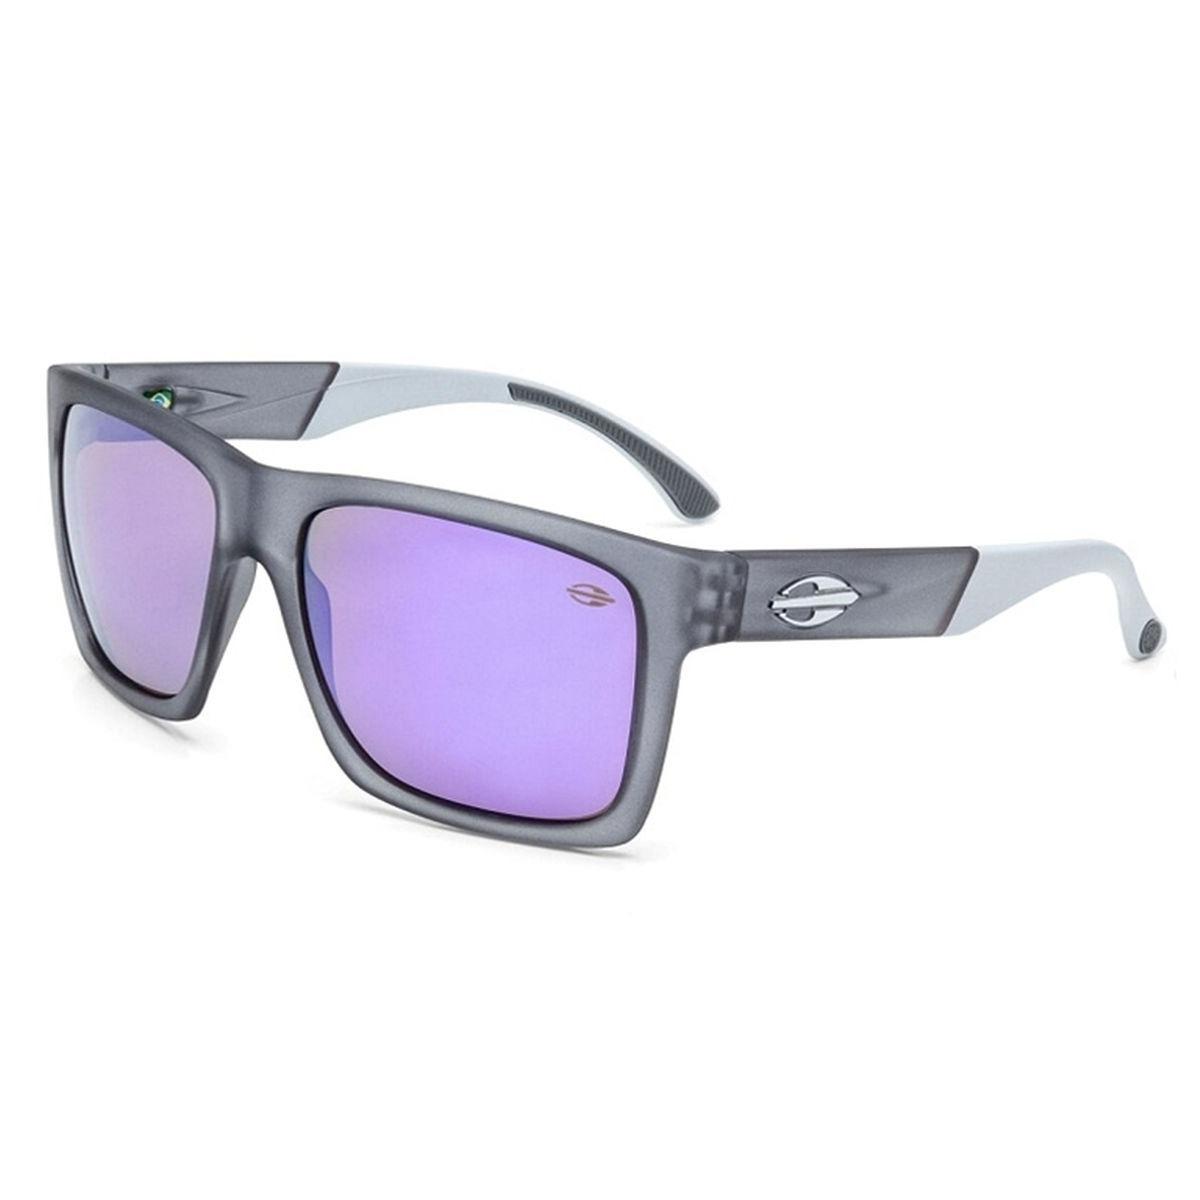 Óculos De Sol Mormaii San Diego M0009d6792 - R  153,09 em Mercado Livre 3893a72f53